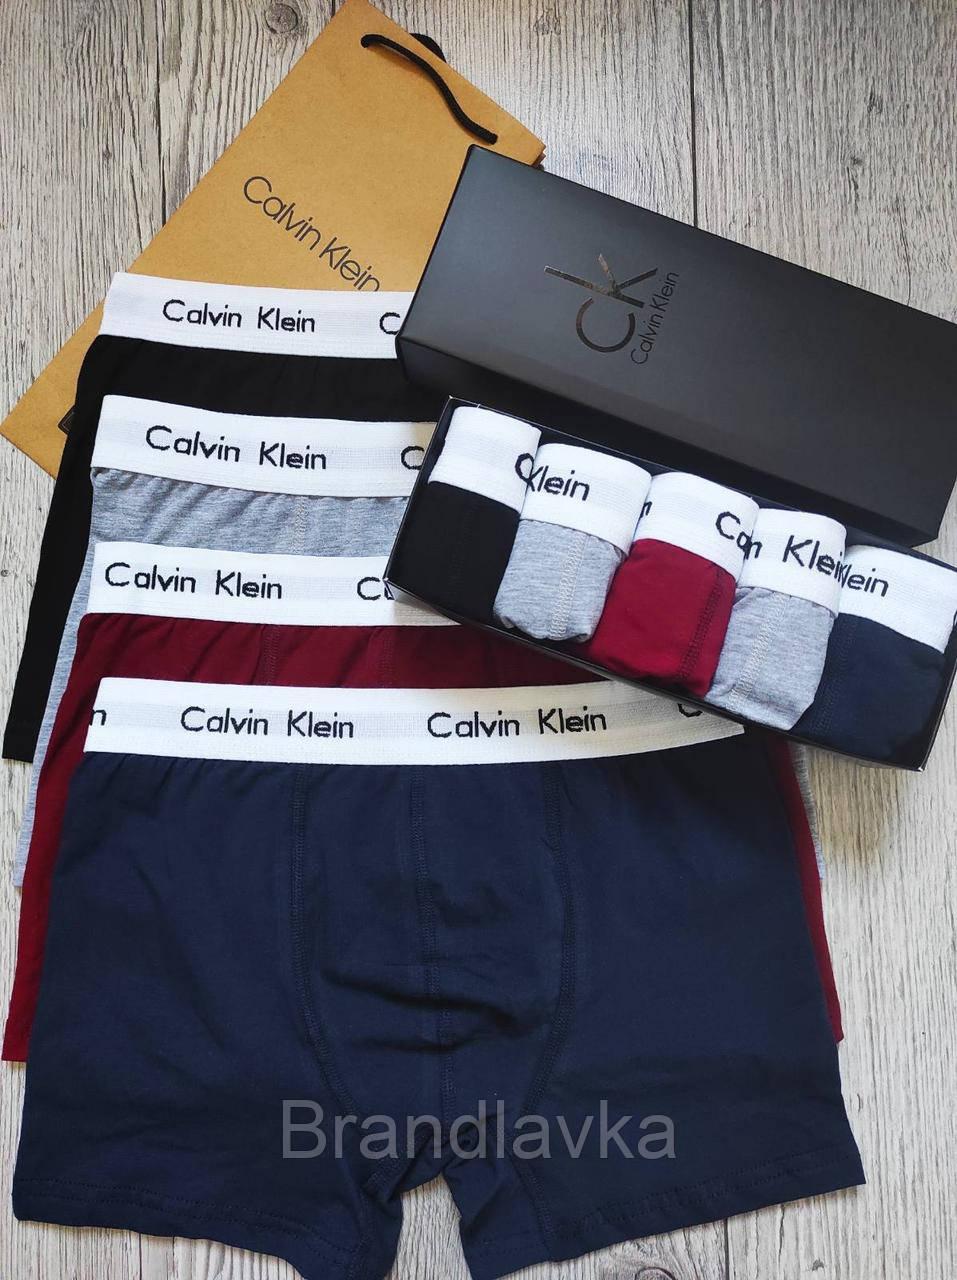 Набор мужских трусов боксеров Calvin Klein 5 шт без коробки Боксеры трусы шорты транки кельвин кляйн - фото 2